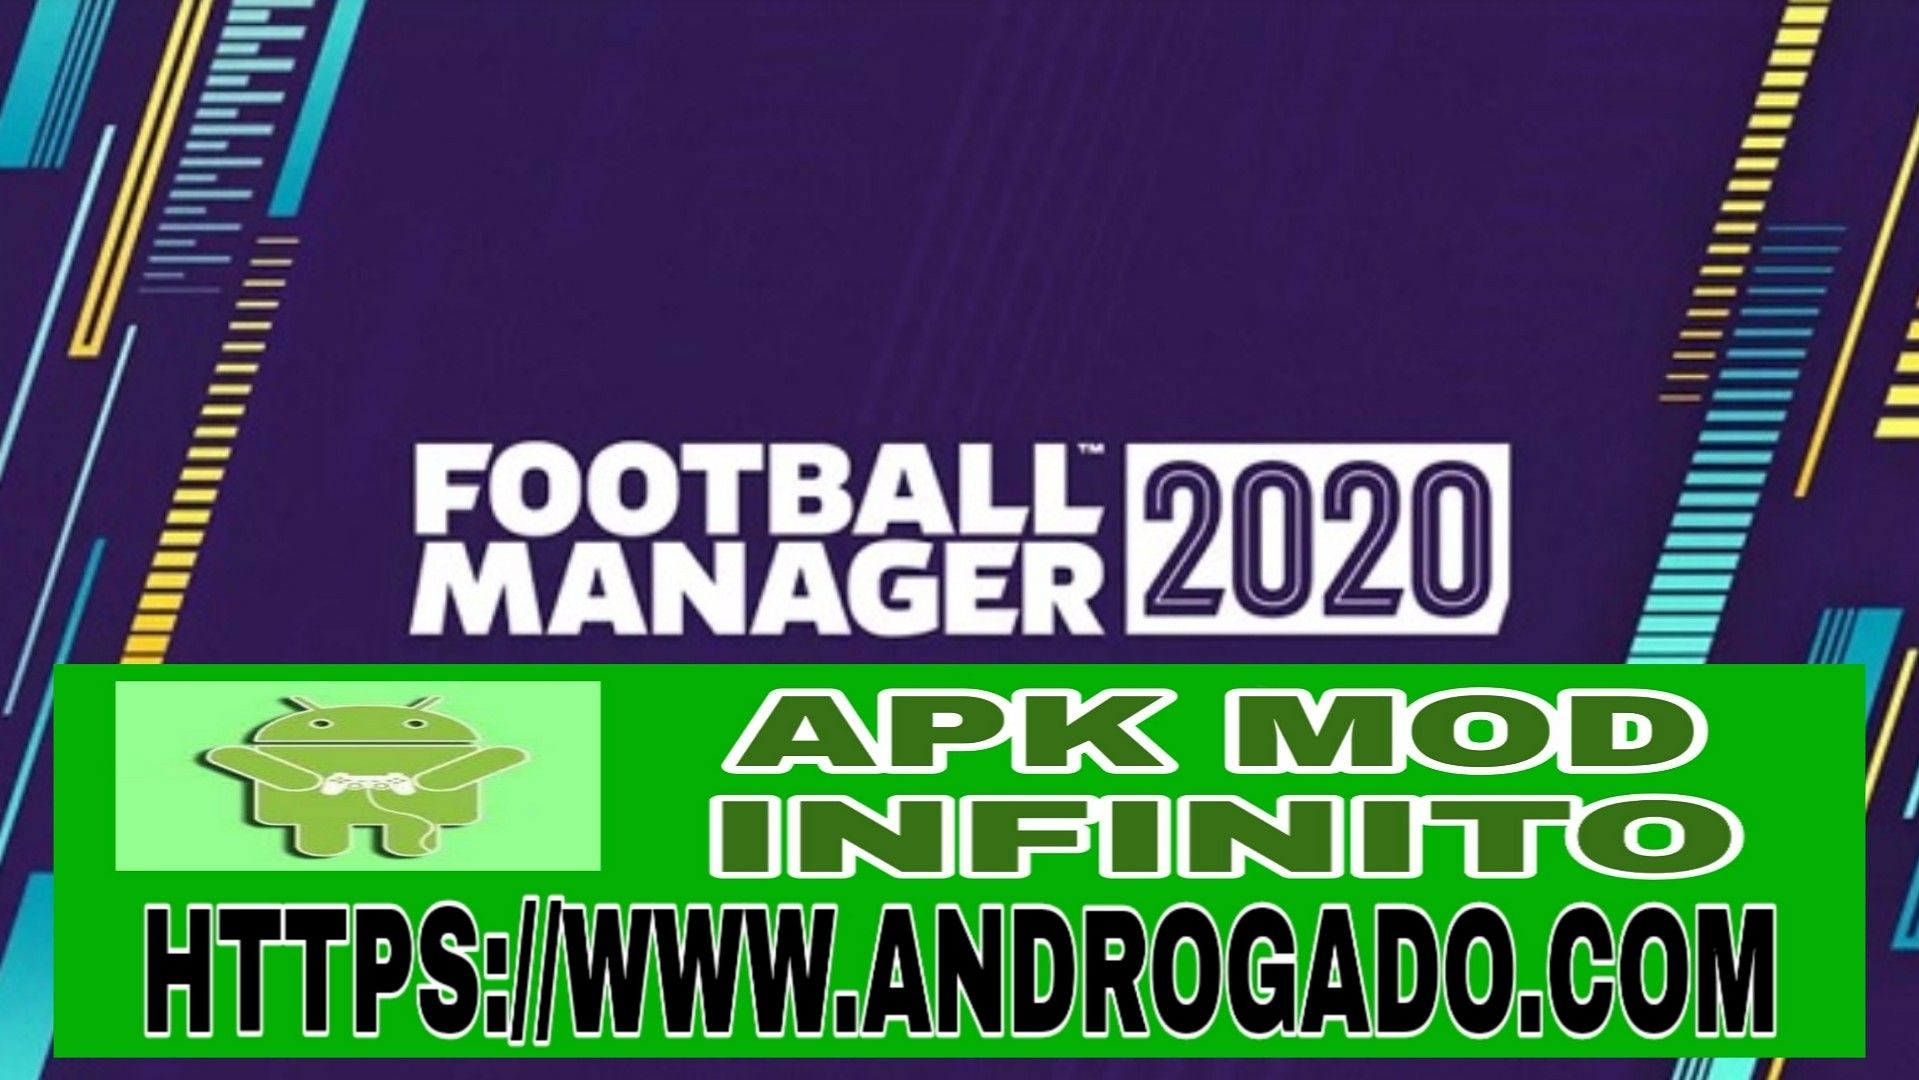 Football Manager 2020 Mobile V11 1 1 Apk Mod Desbloqueado Em